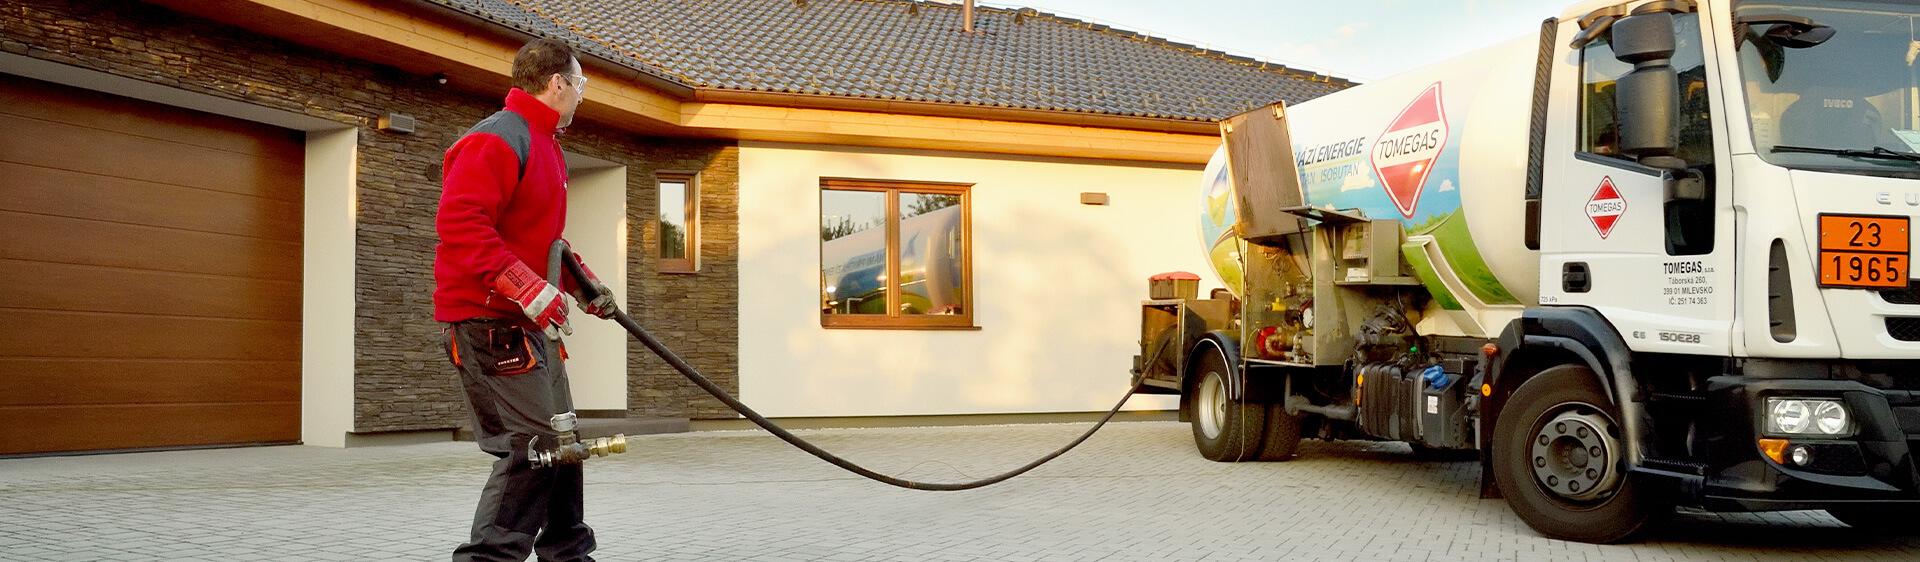 Zásobování plynem Tomegas